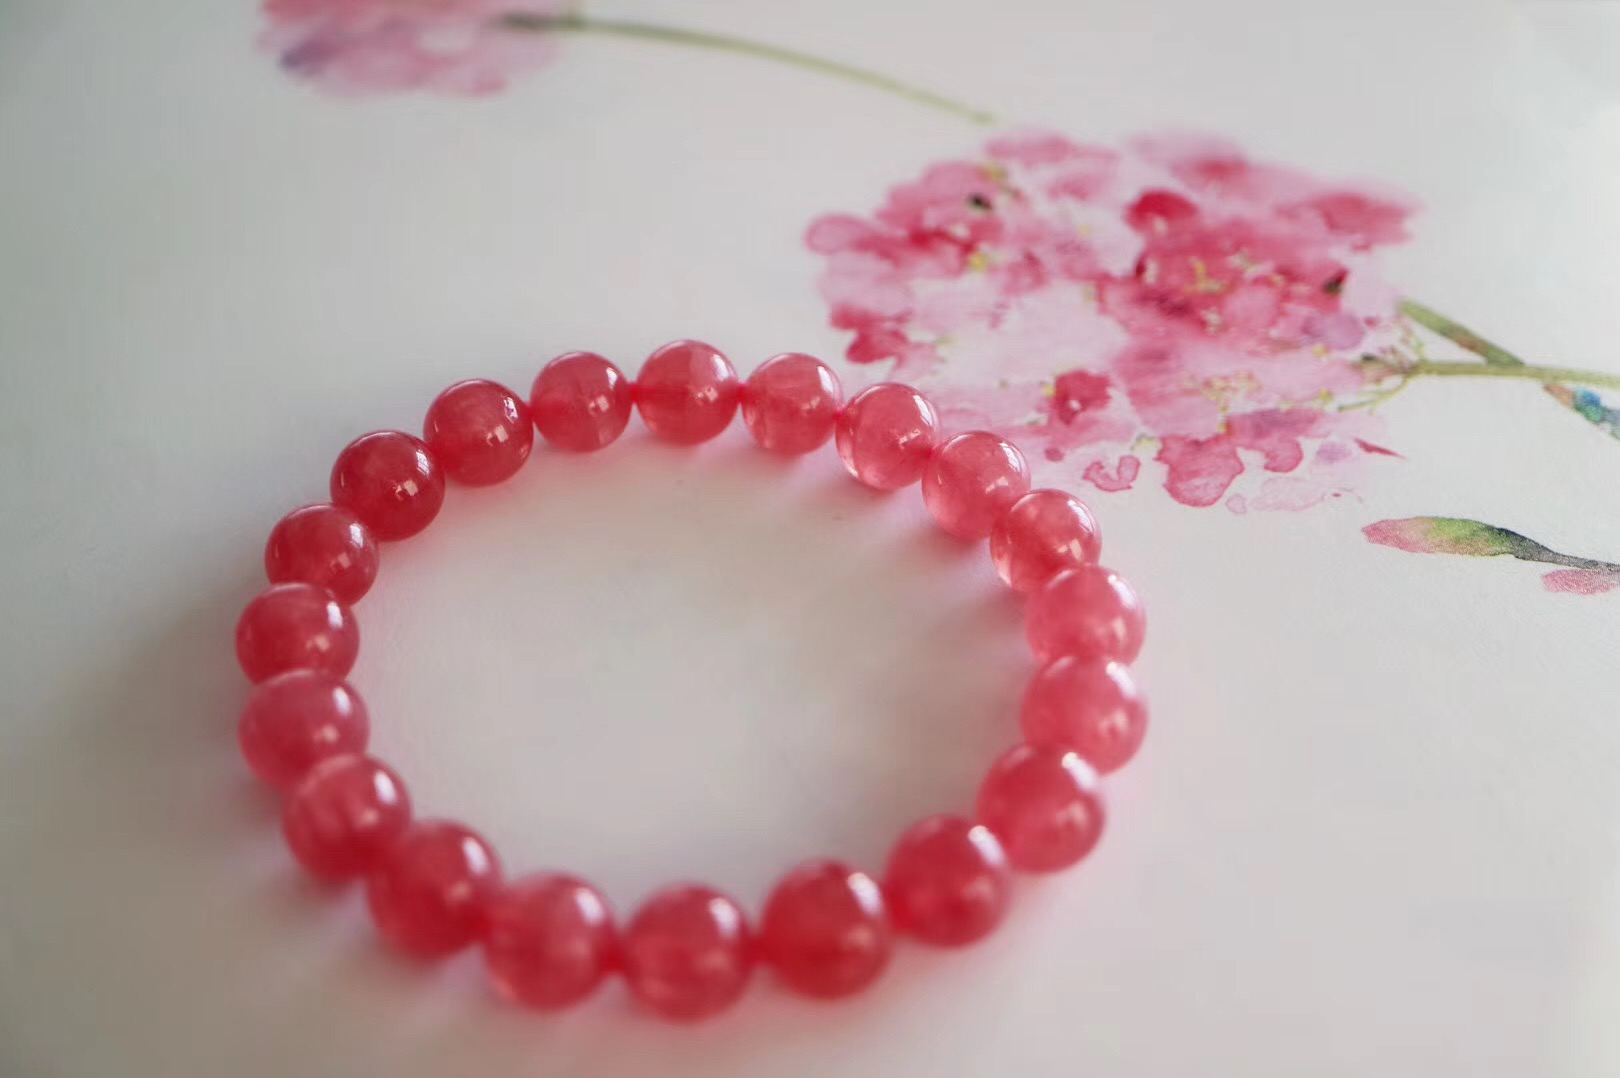 【菩心 | 冰种红纹石】冰润冰润的红纹石,每个女子必备-菩心晶舍